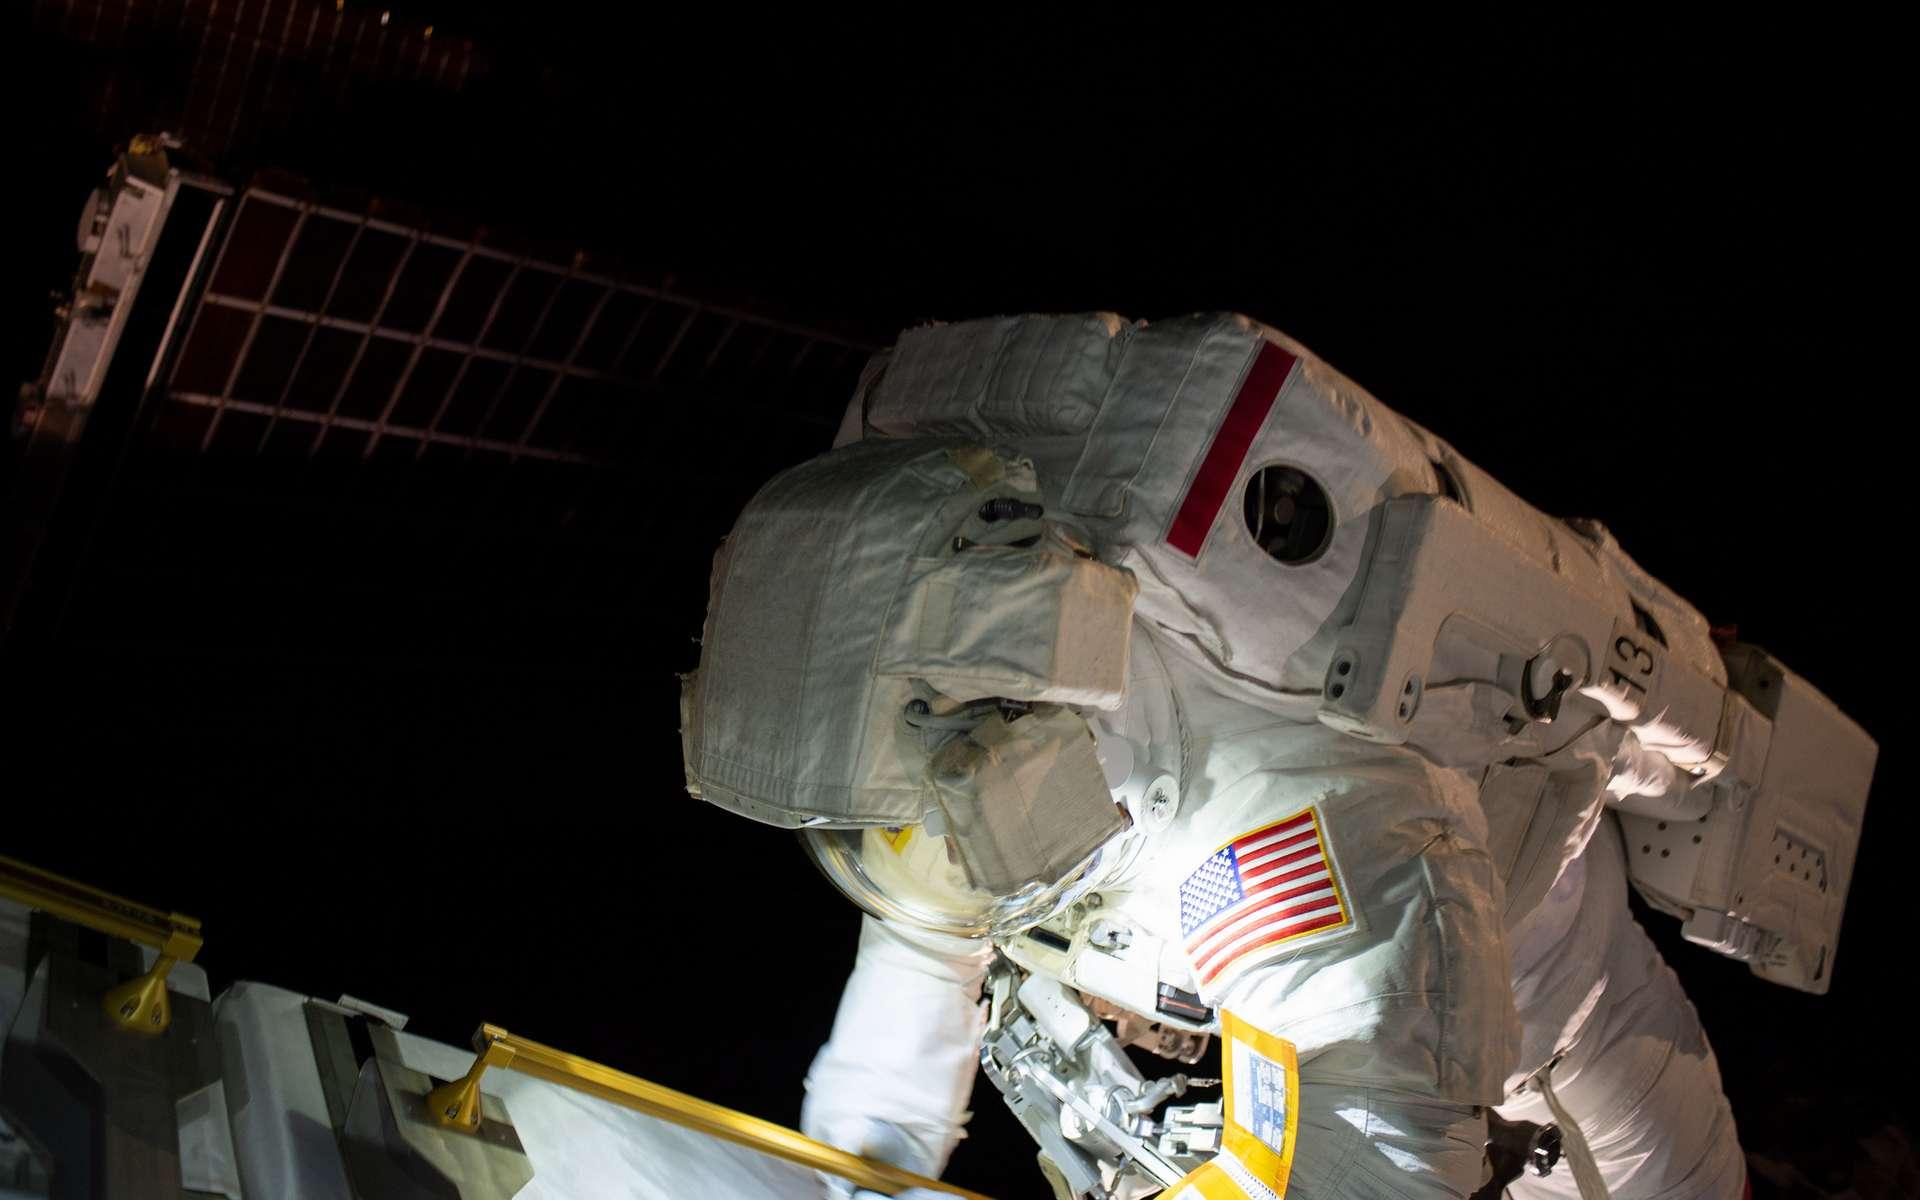 L'astronaute de la Nasa Anne McClain (photo) a passé six heures et 36 minutes dans l'espace le 22 mars 2019, lors de la première sortie extravéhiculaire de sa carrière, aux côtés de son compatriote Nick Hague, pour installer des batteries plus performantes sur les panneaux solaires de l'ISS. © Nasa